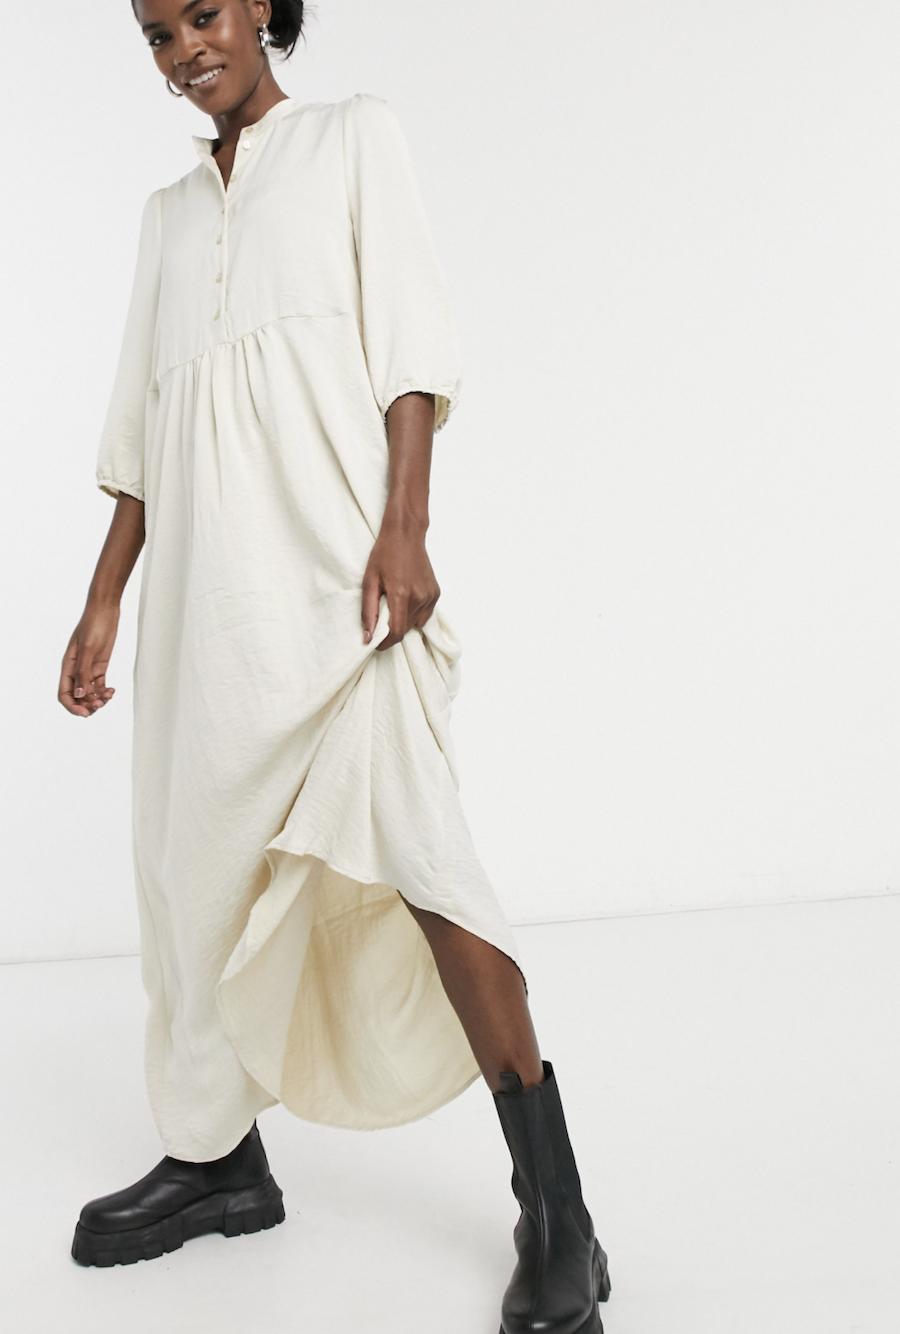 Vestido camisero semilargo en color abedul de Vero Moda